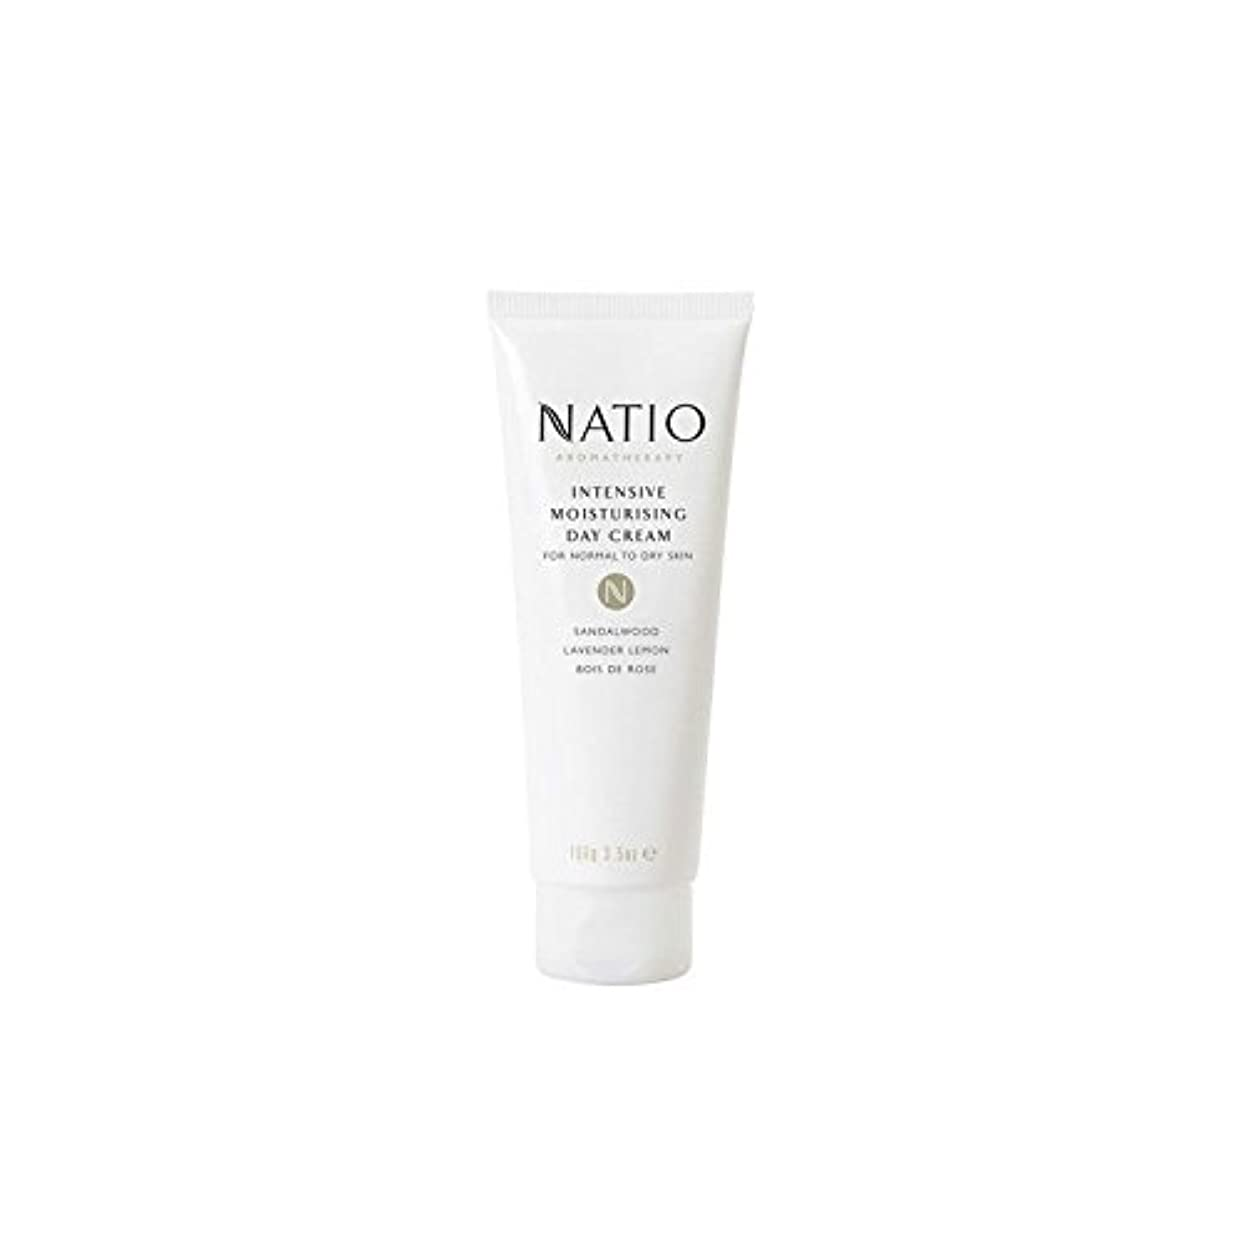 トラフィック操作可能利得Natio Intensive Moisturising Day Cream (100G) - 集中的な保湿デイクリーム(100グラム) [並行輸入品]